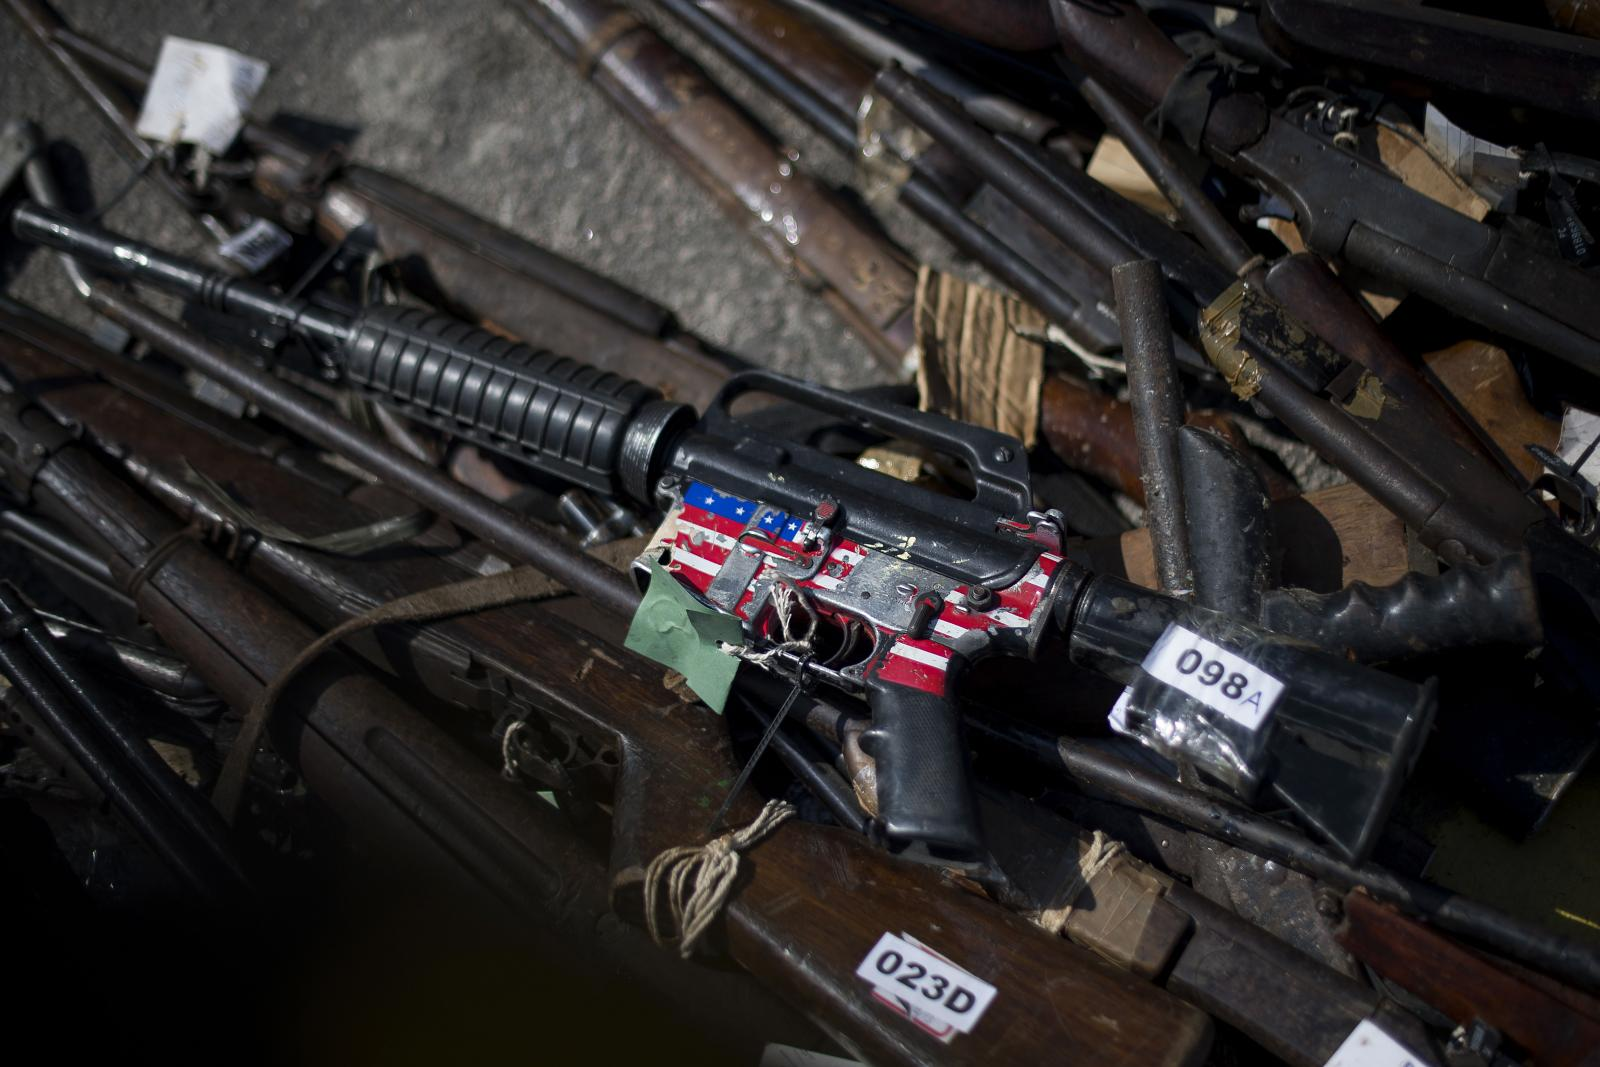 ย้อนรอยเหตุกราดยิง โศกนาฏกรรมในสหรัฐฯ